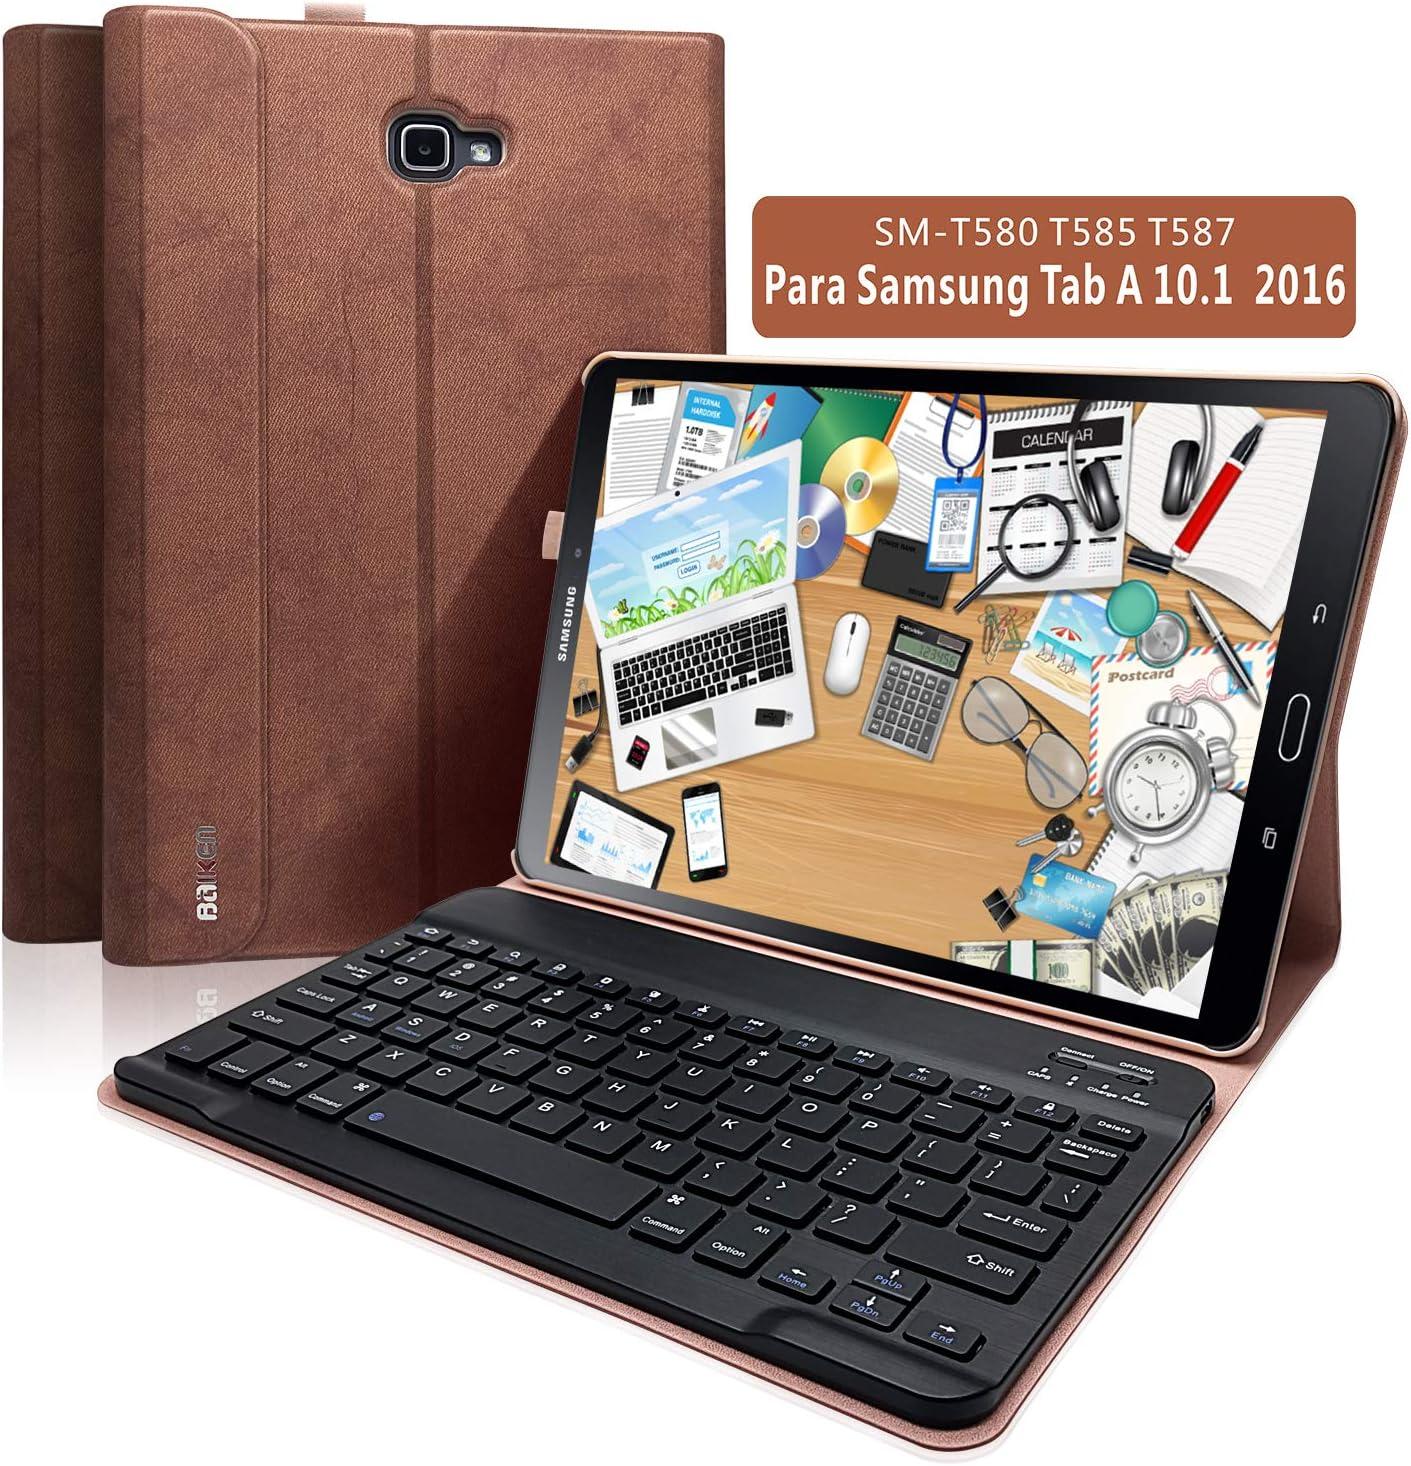 BAIBAO Teclado Tablet 10.1 para Samsung Galaxy Pro 10.1 Pulgadas SM-T580 / T585 / T587,Teclado Español Inalámbrico Bluetooth Desmontable Magnéticamente con Cubierta Delgada (Marrón)